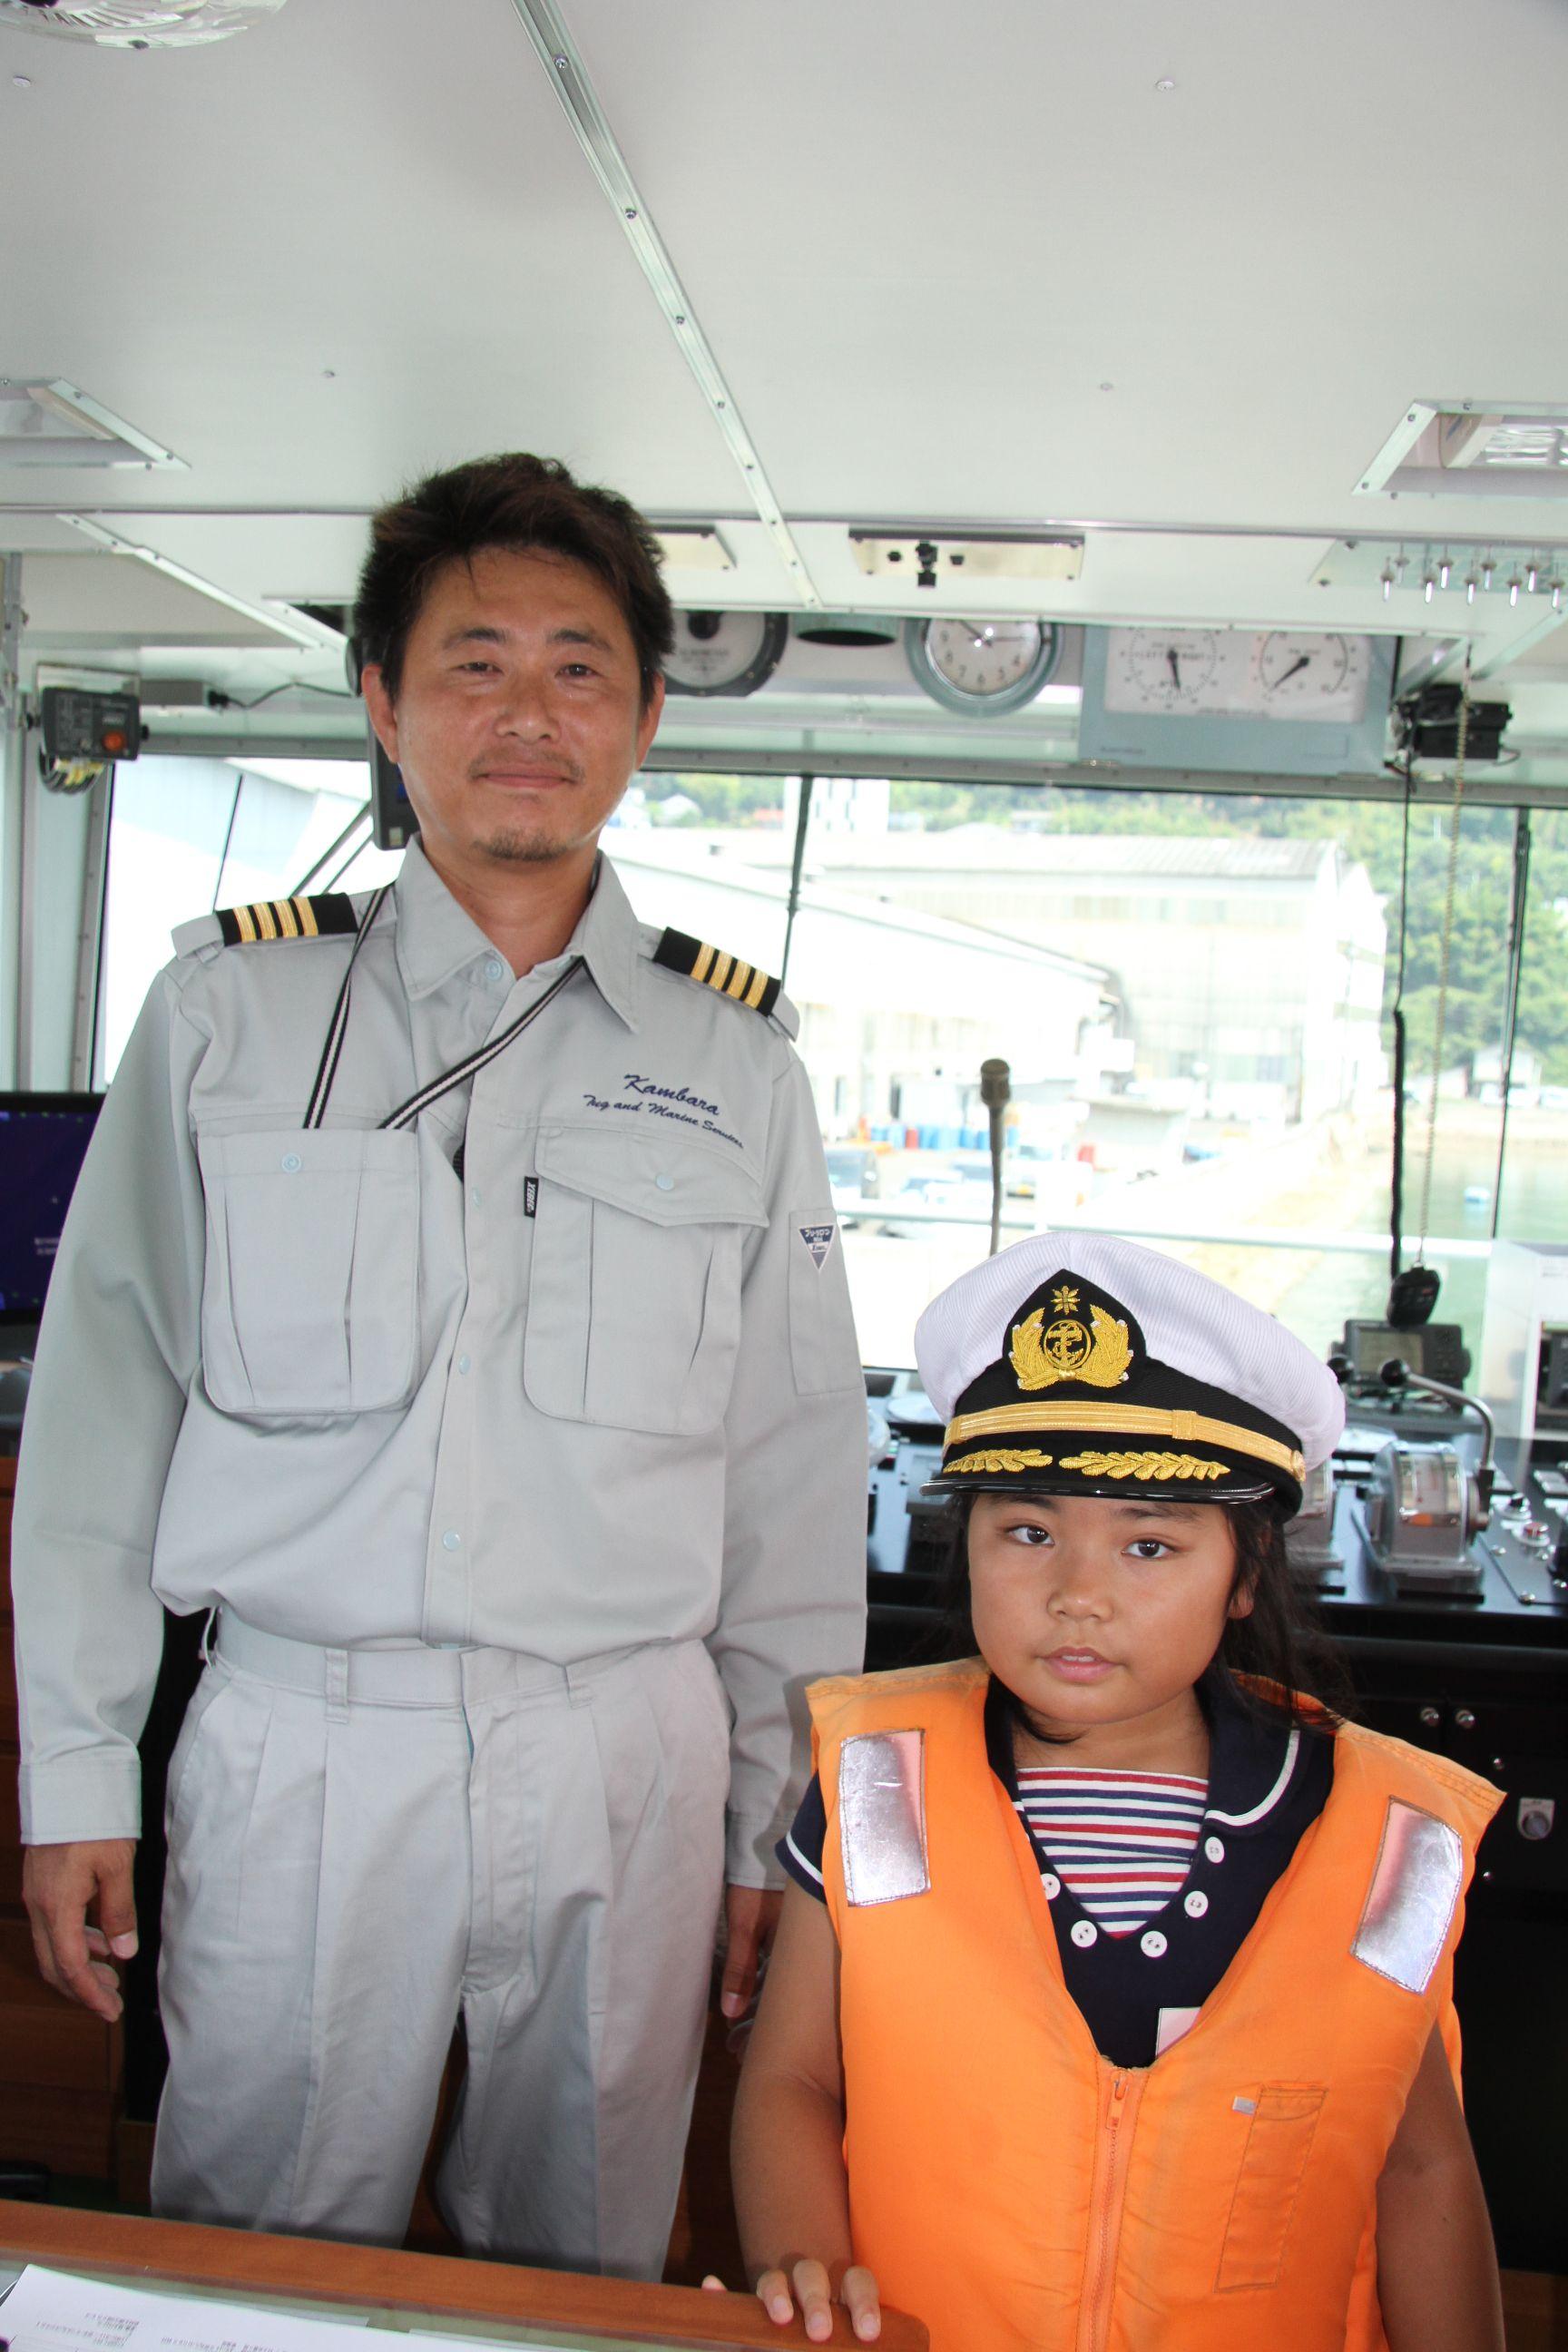 タグボートの船長の帽子をかぶって記念撮影